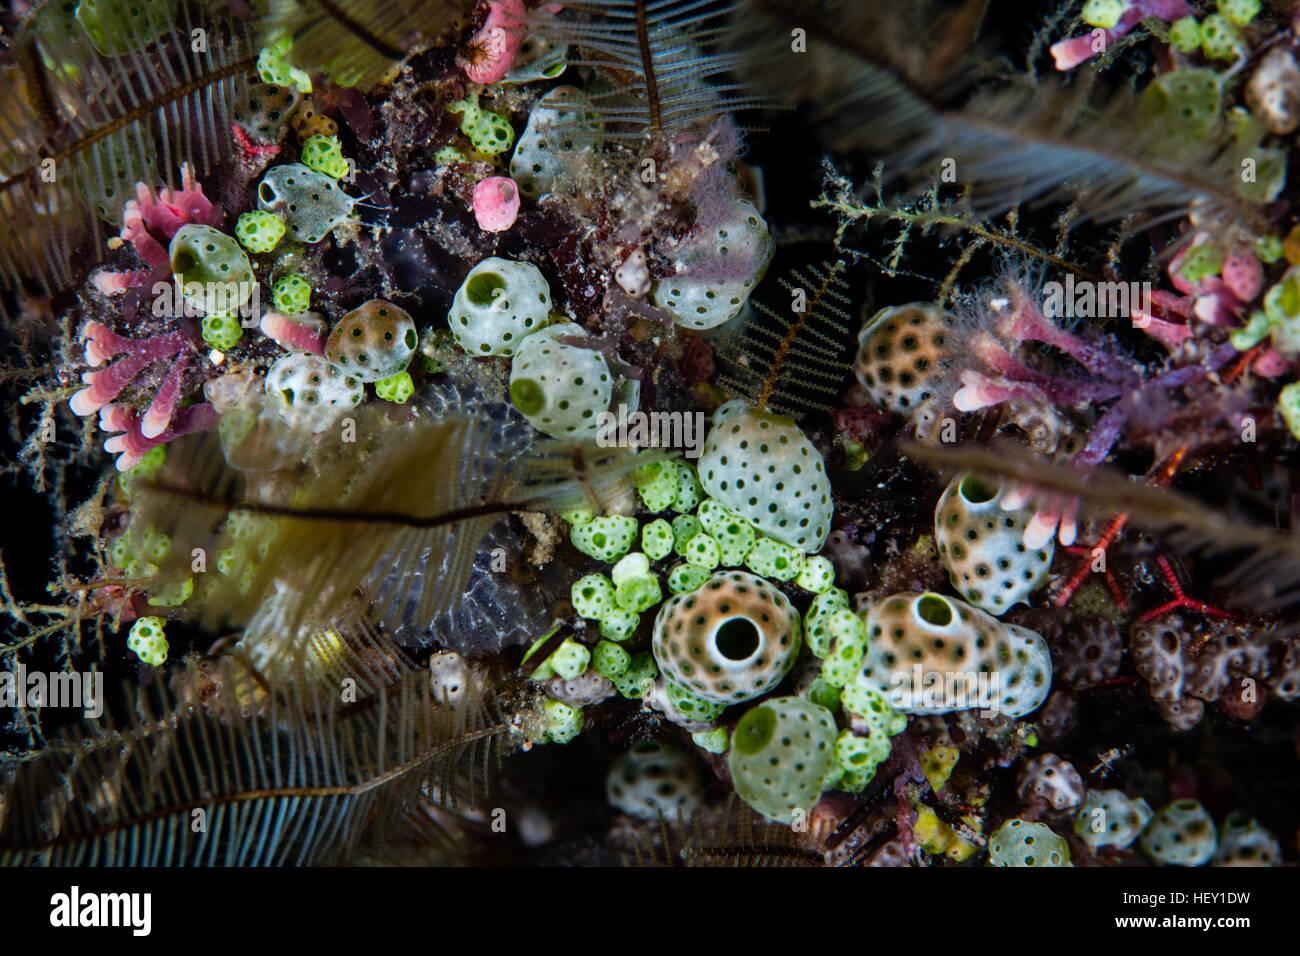 Colorato tunicati, hydroids, e altri invertebrati crescere su una scogliera di corallo nelle isole Salomone. Immagini Stock